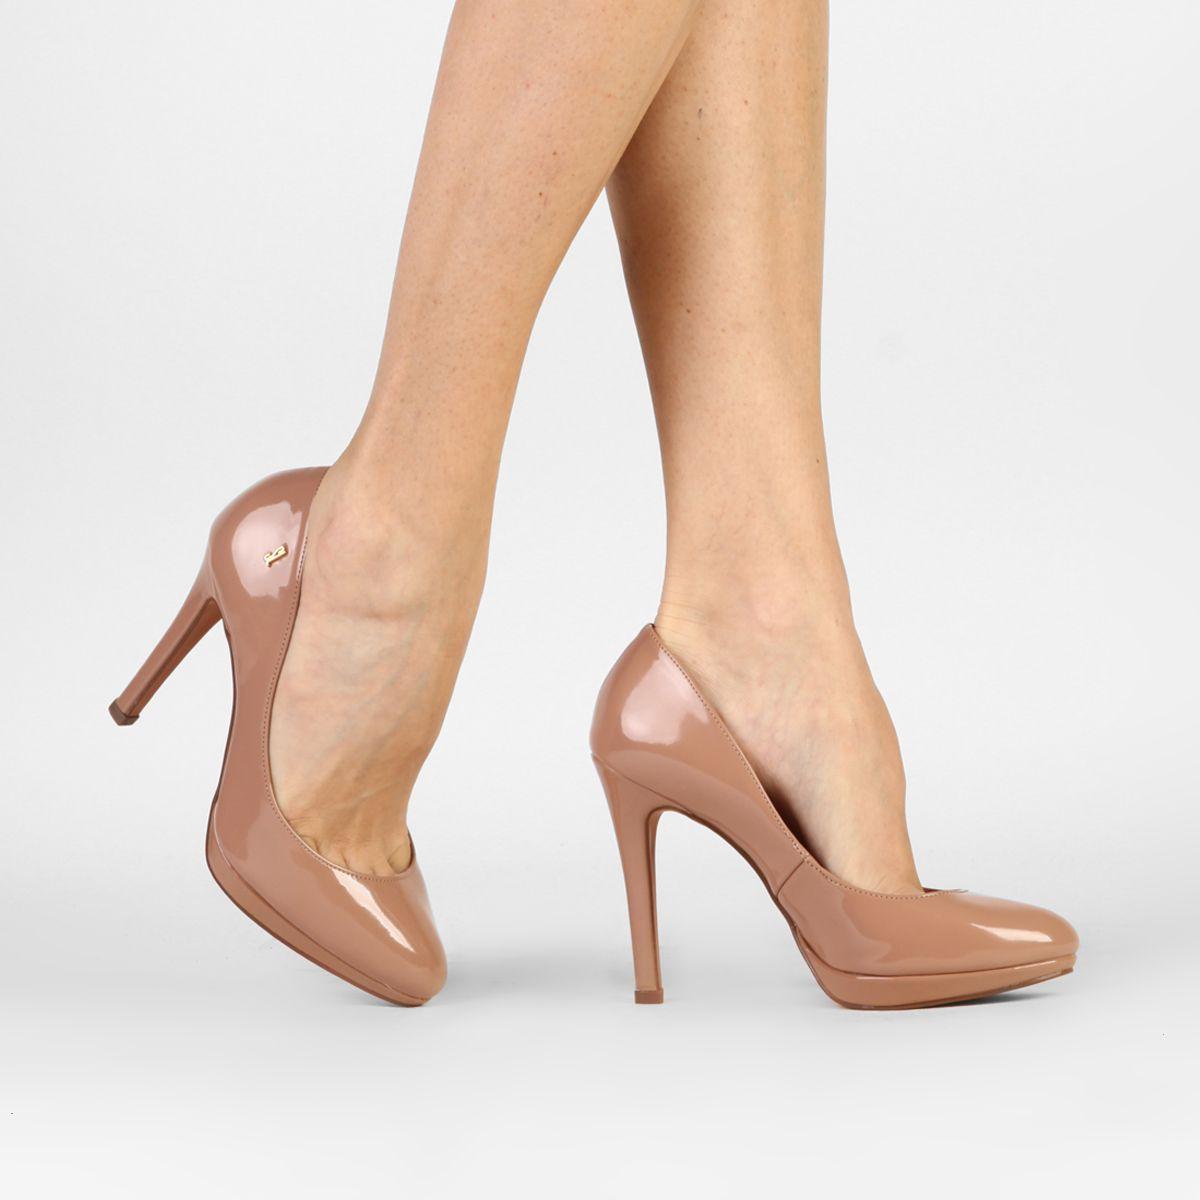 f39660724 Compre Scarpin Santa Lolla Meia Pata Vermelho na Zattini a nova loja de  moda online da Netshoes. Encontre Sapatos